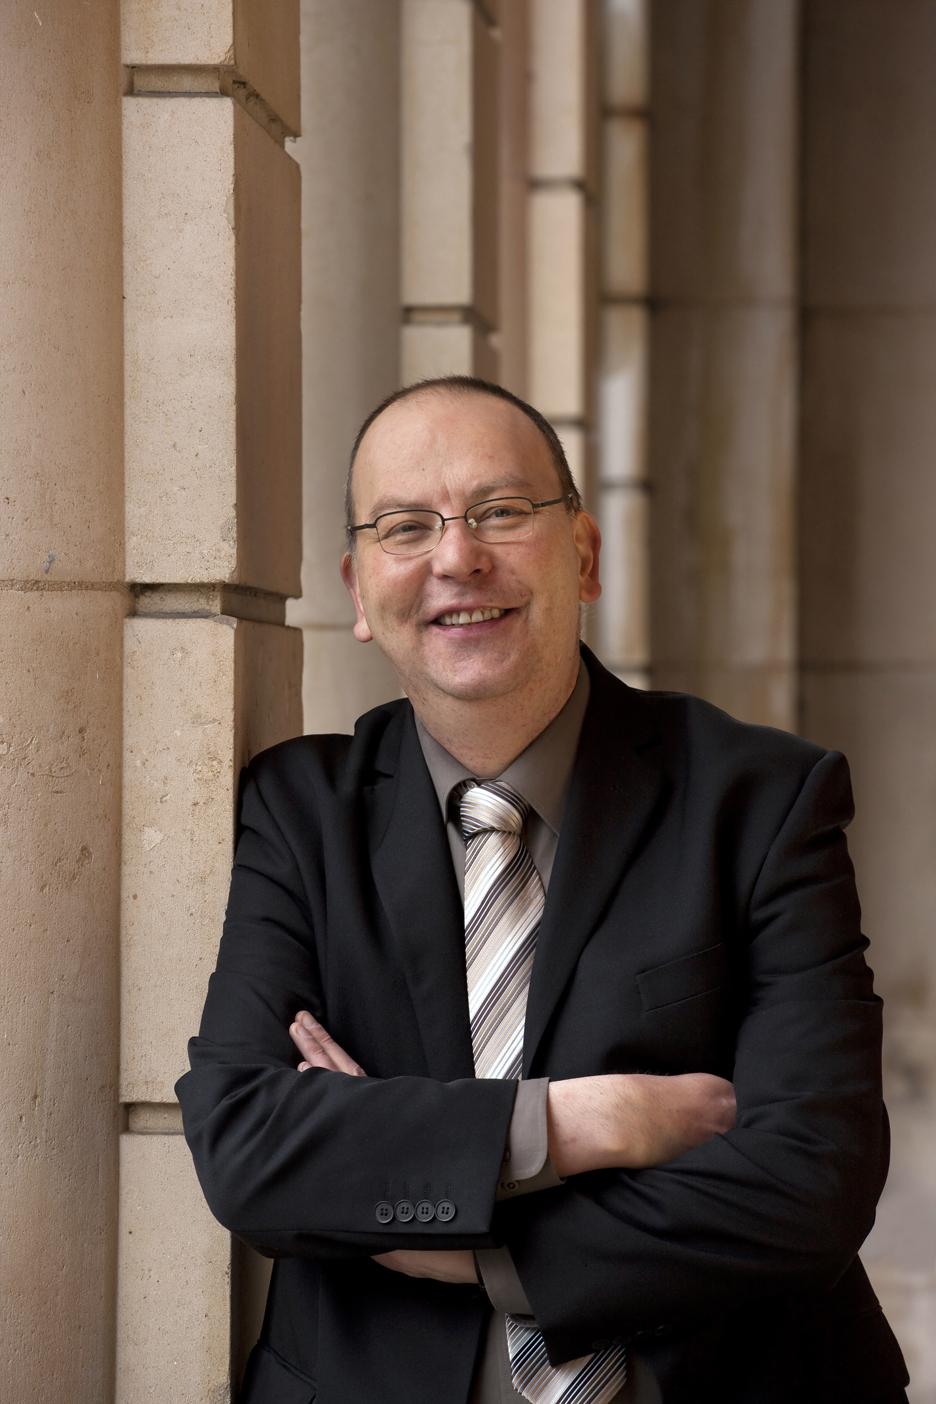 Professor Peter McOwan